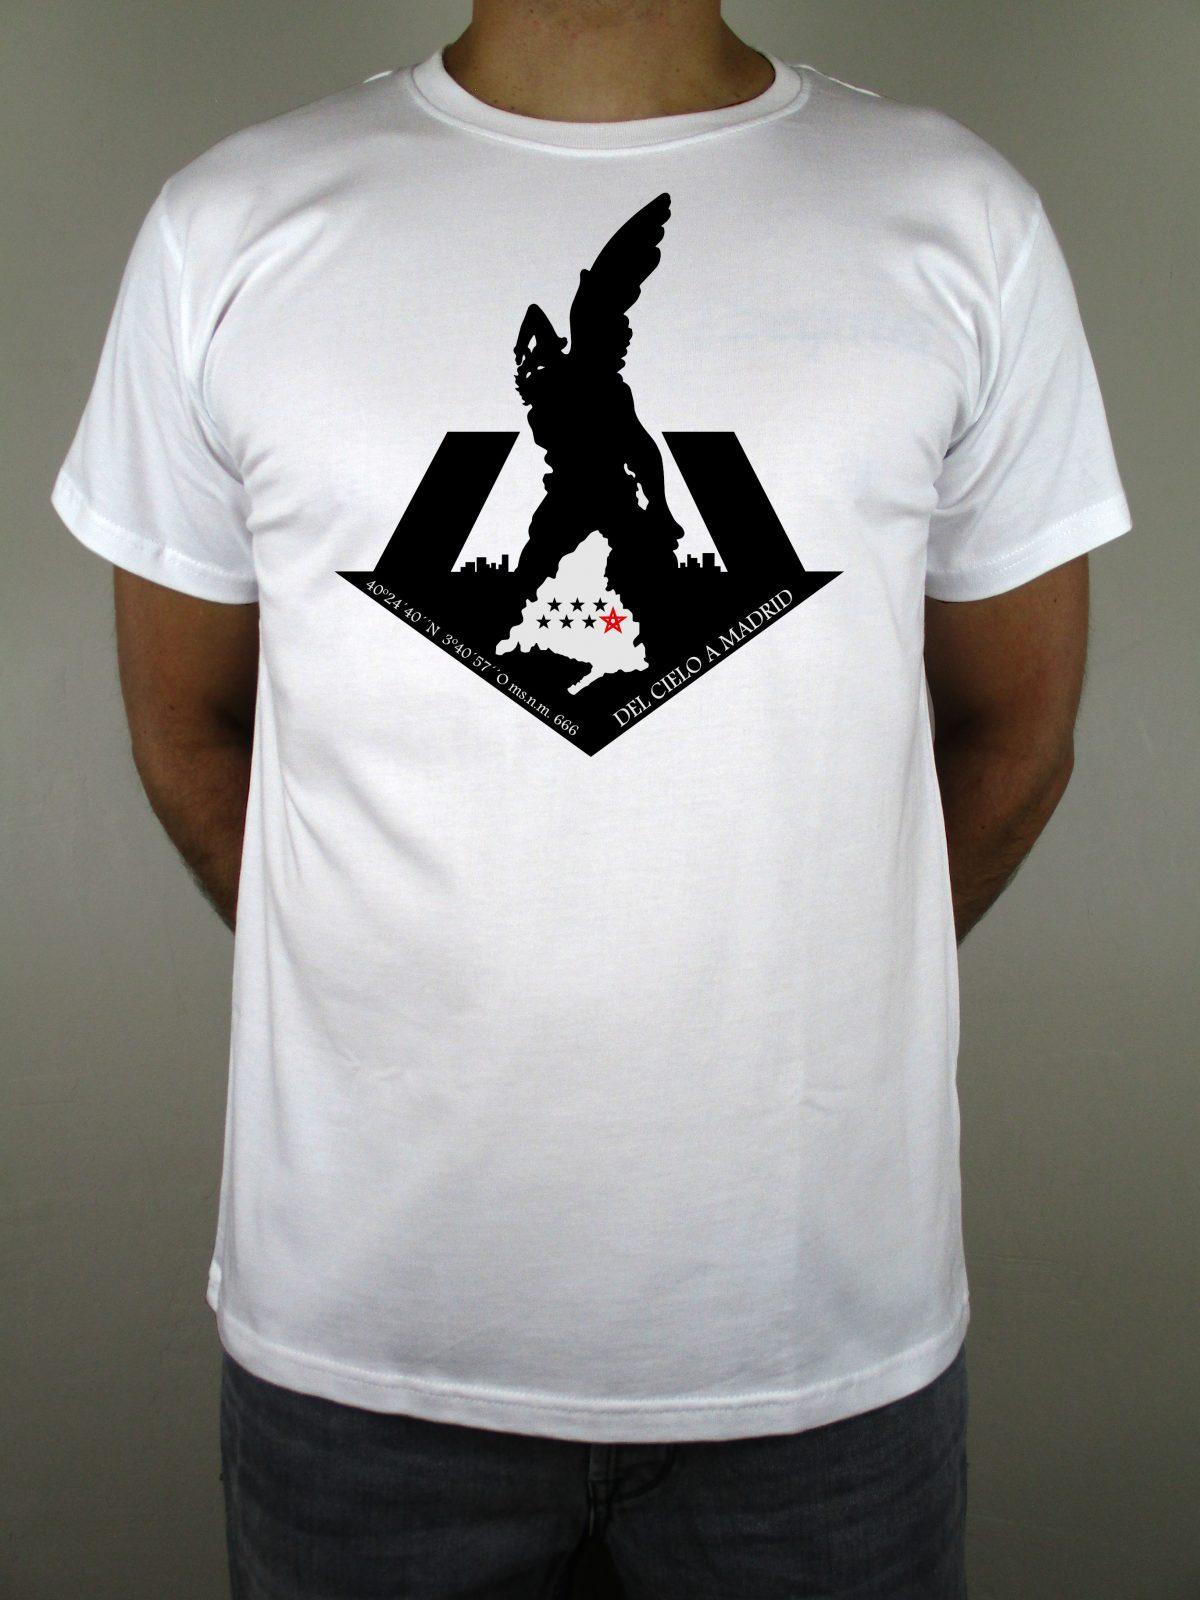 Para ponerte guapo ponte Chulapo. Puro sentimiento. Camisetas para auténticos amantes de la capital de España. Camisetas de calidad y hechas en España.